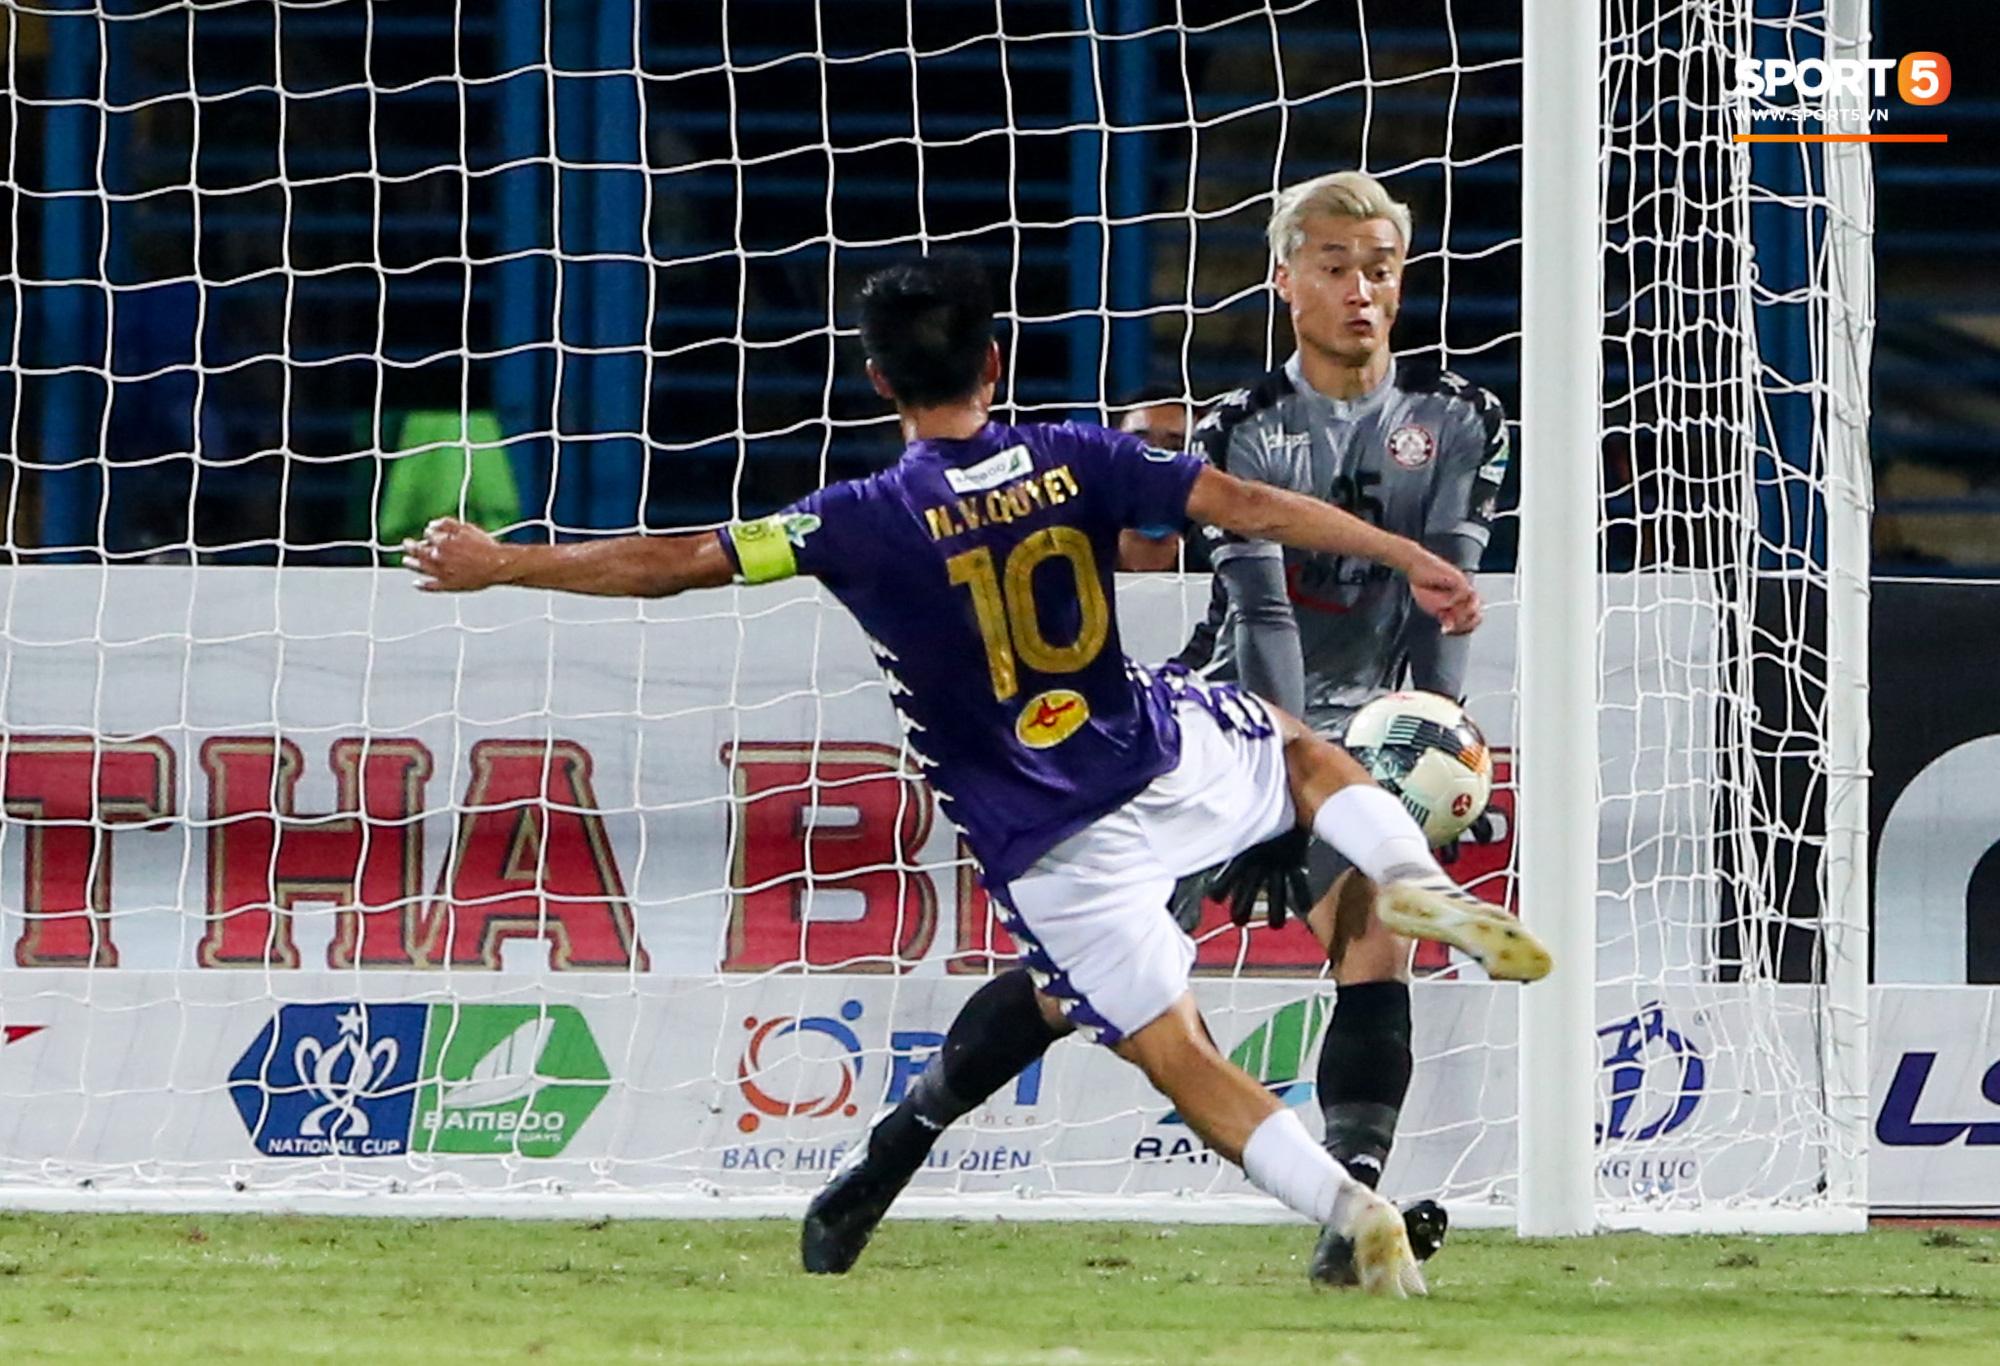 Bùi Tiến Dũng xử lý khiến cầu thủ Hà Nội FC tẽn tò nhưng không che lấp nổi ngày thảm hoạ - Ảnh 2.